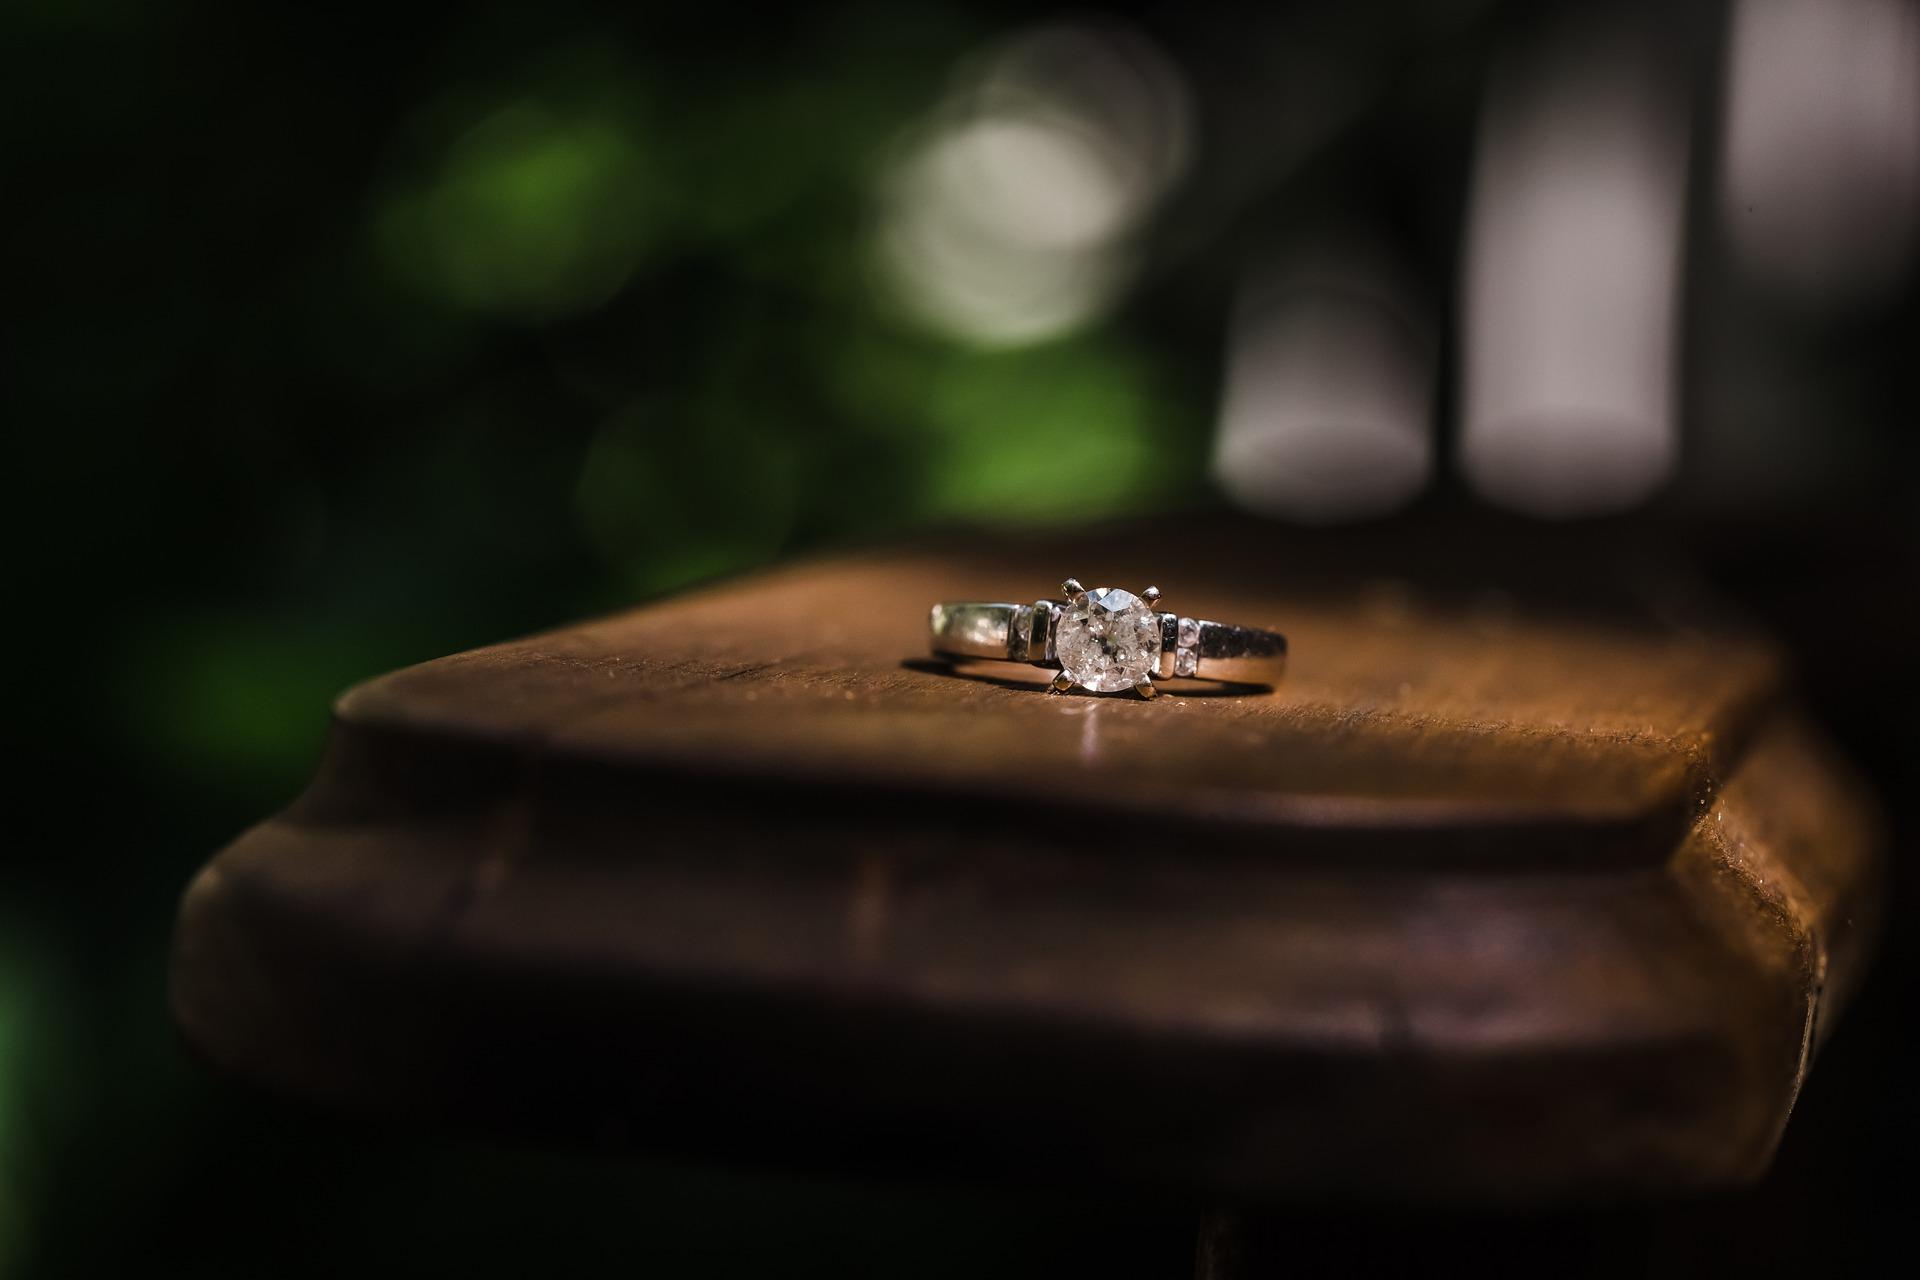 עיצובים שונים לטבעות אירוסין